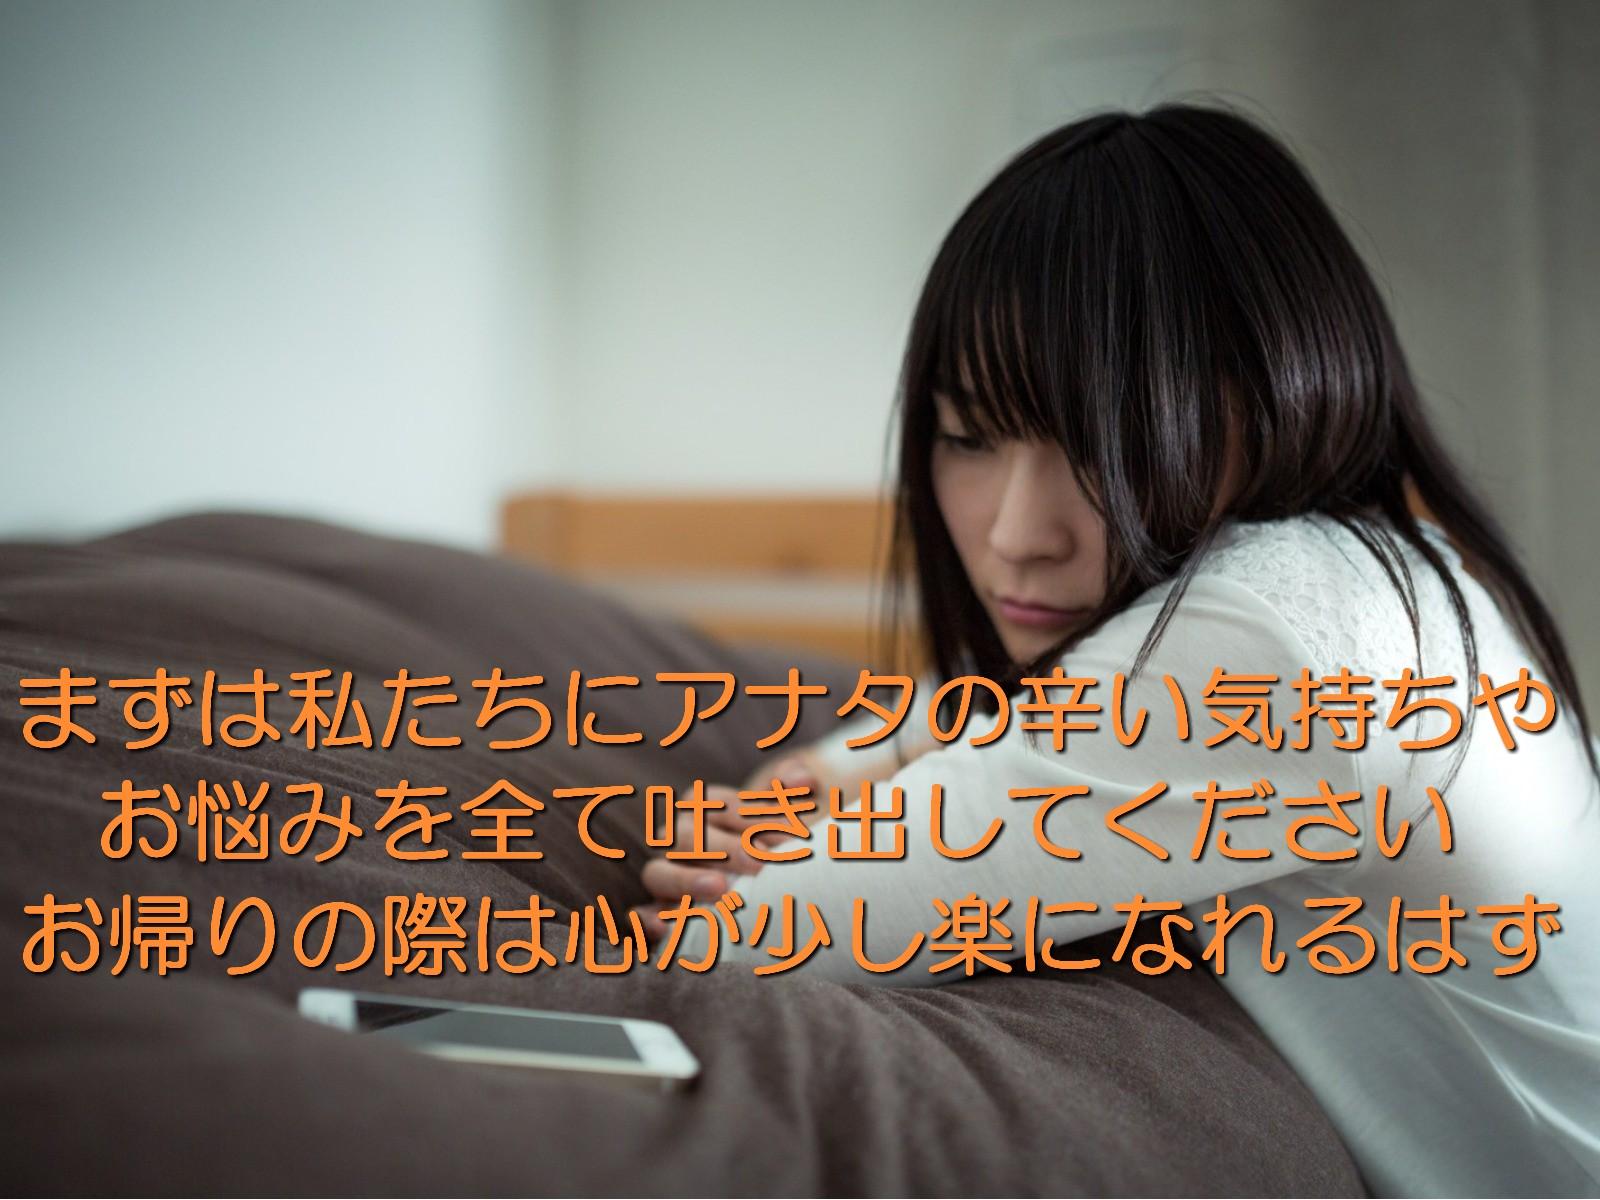 東京渋谷で就活占いなら『占いの観点で就職指導』ができる占い館BCAFE(ビーカフェ)の占い師にお任せ!就活でのお悩みや辛い出来事など何でもお話頂ければ、的確に占いを通じてアドバイスを行います。